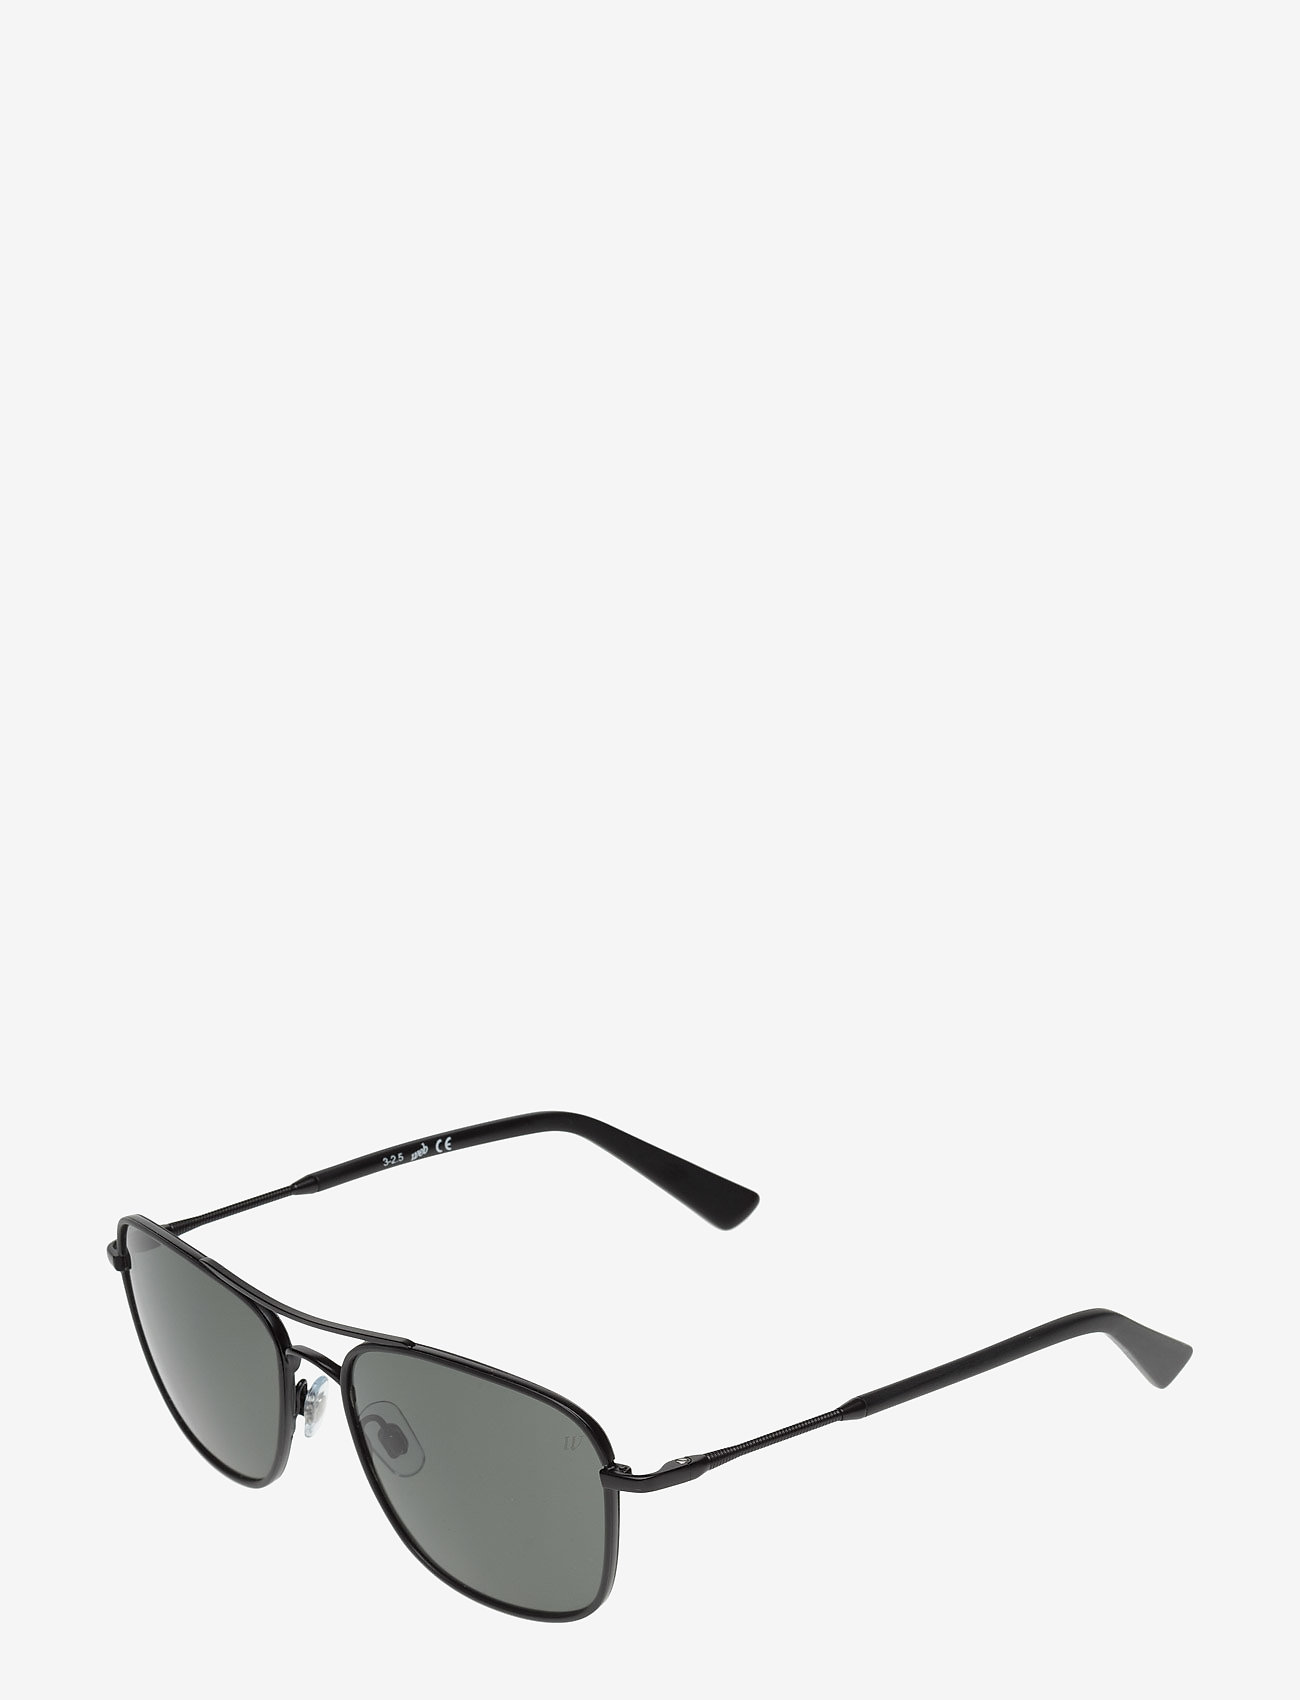 Web Eyewear - WE0163 - okulary przeciwsłoneczne w kształcie litery d - 02n -matte black / green - 1